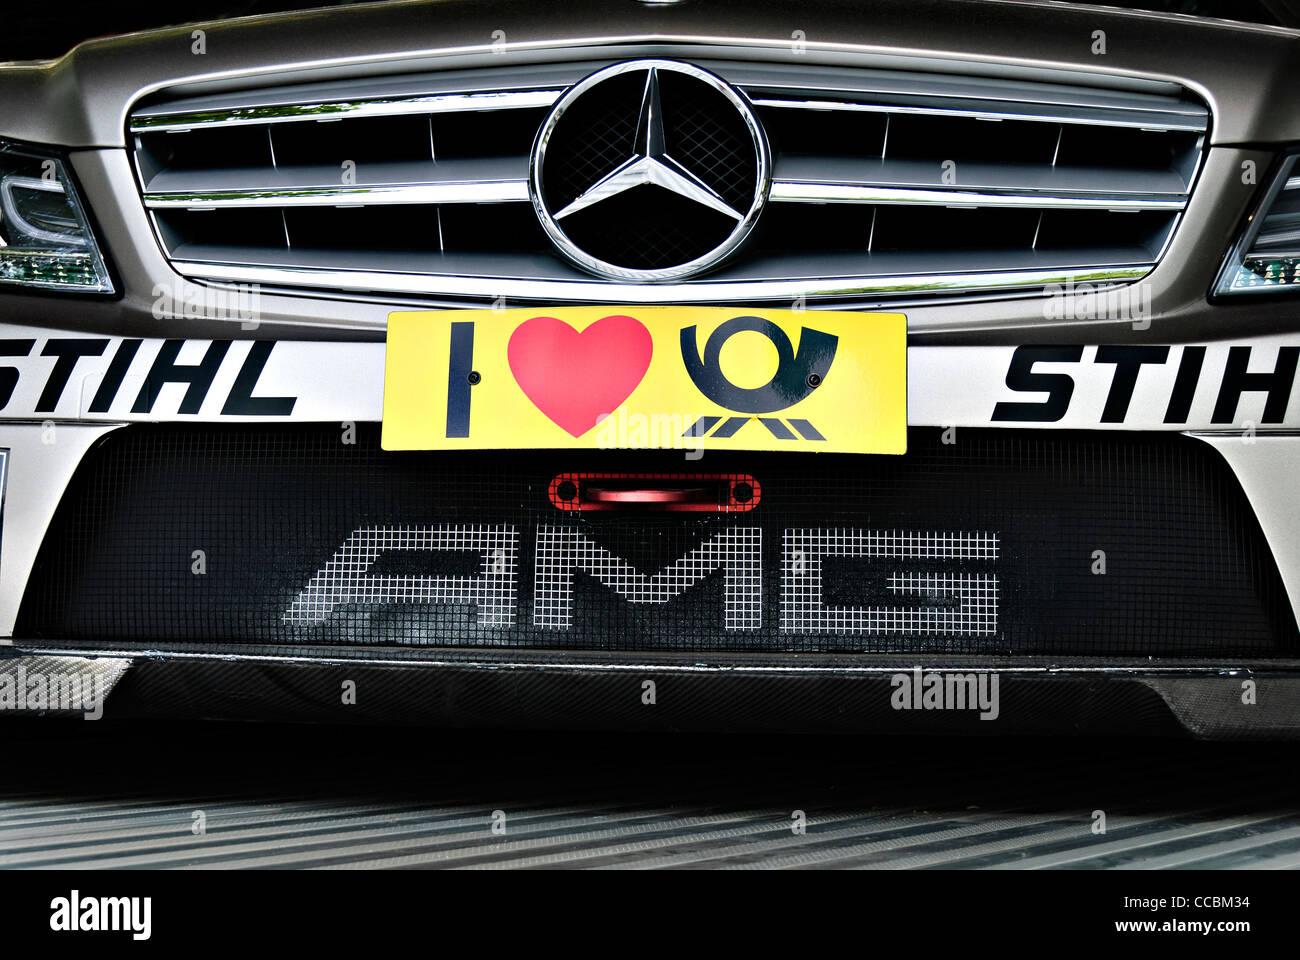 Voiture De Course Mercedes Amg Dtm Banque D Images Photo Stock